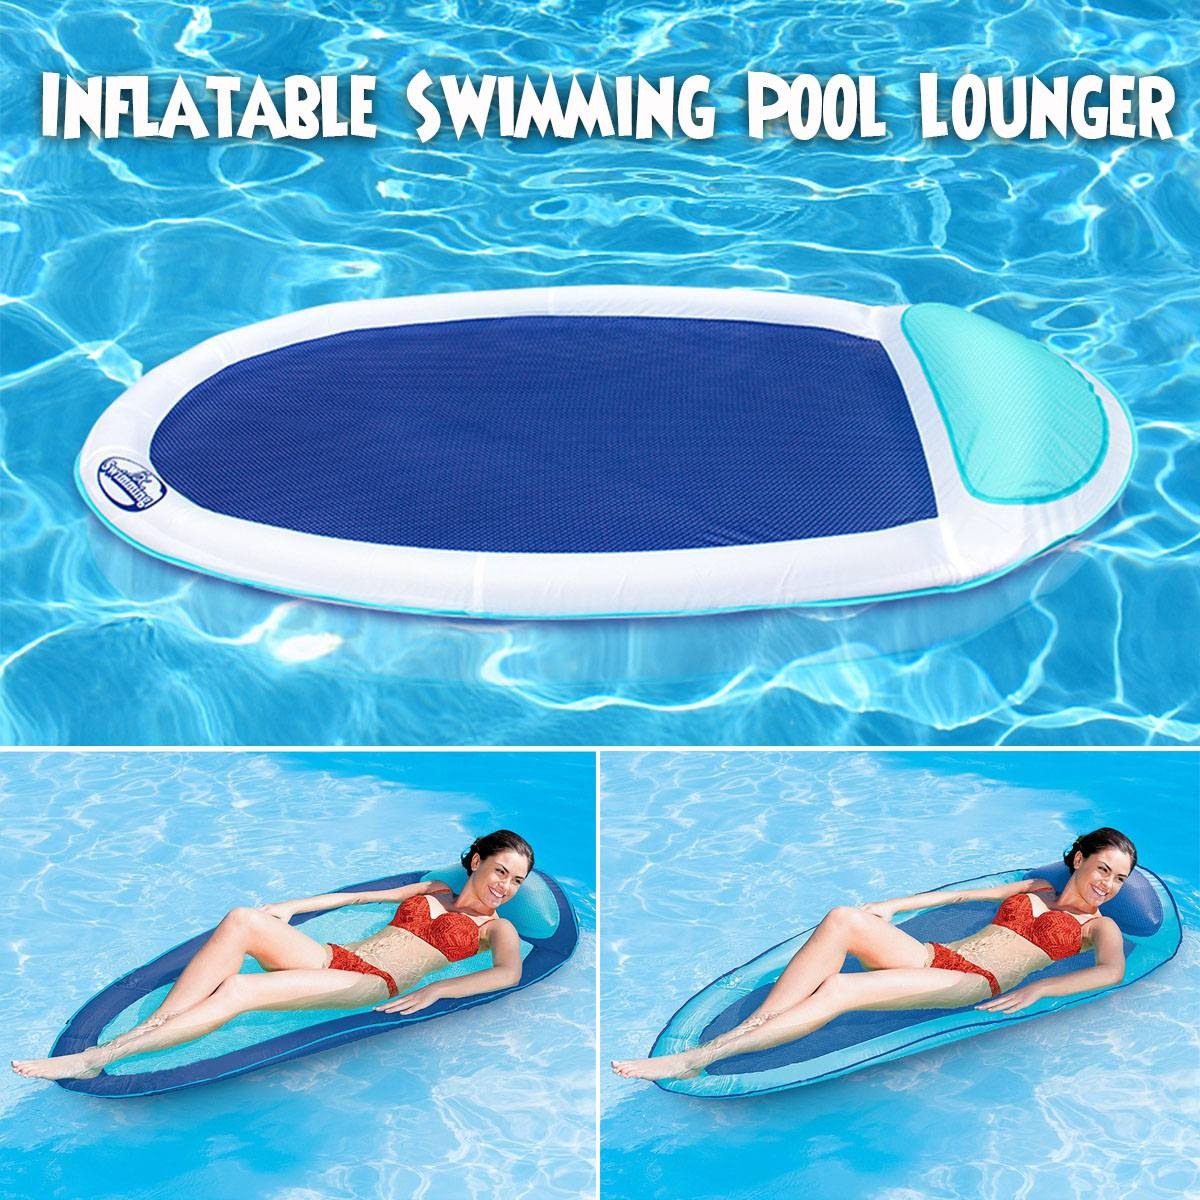 Forte-Toyers piscine flottant sièges de natation incroyable lit nouilles chaises net natation anneau bâton piscine amusant chaise piscine et accessoires